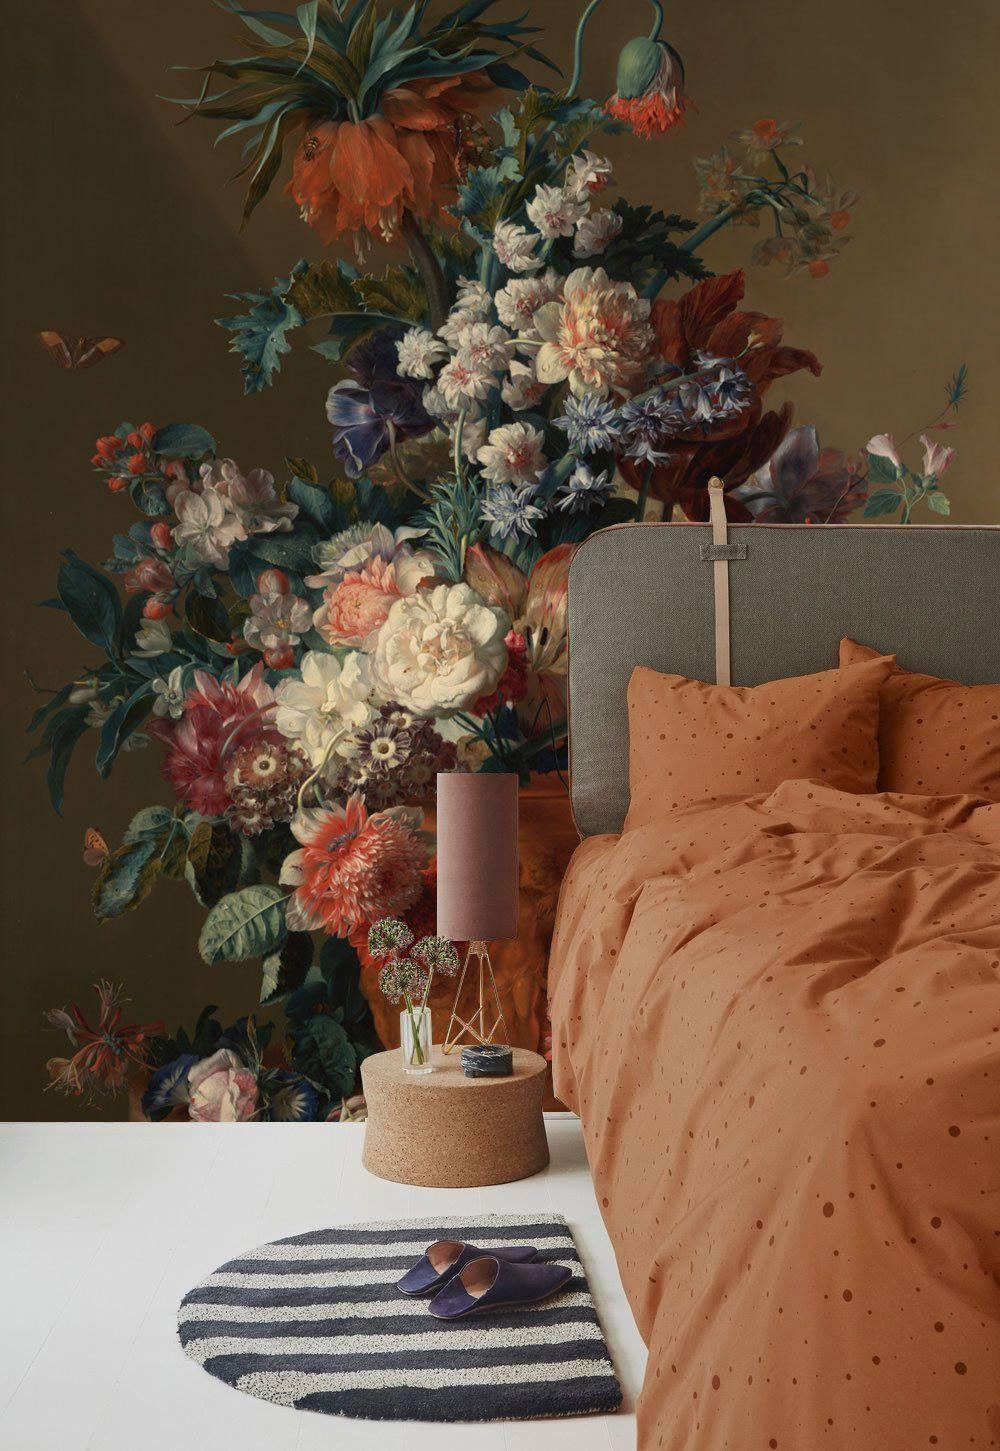 Dutch Flowers Painting Wall Mural, Vintage Dark Floral